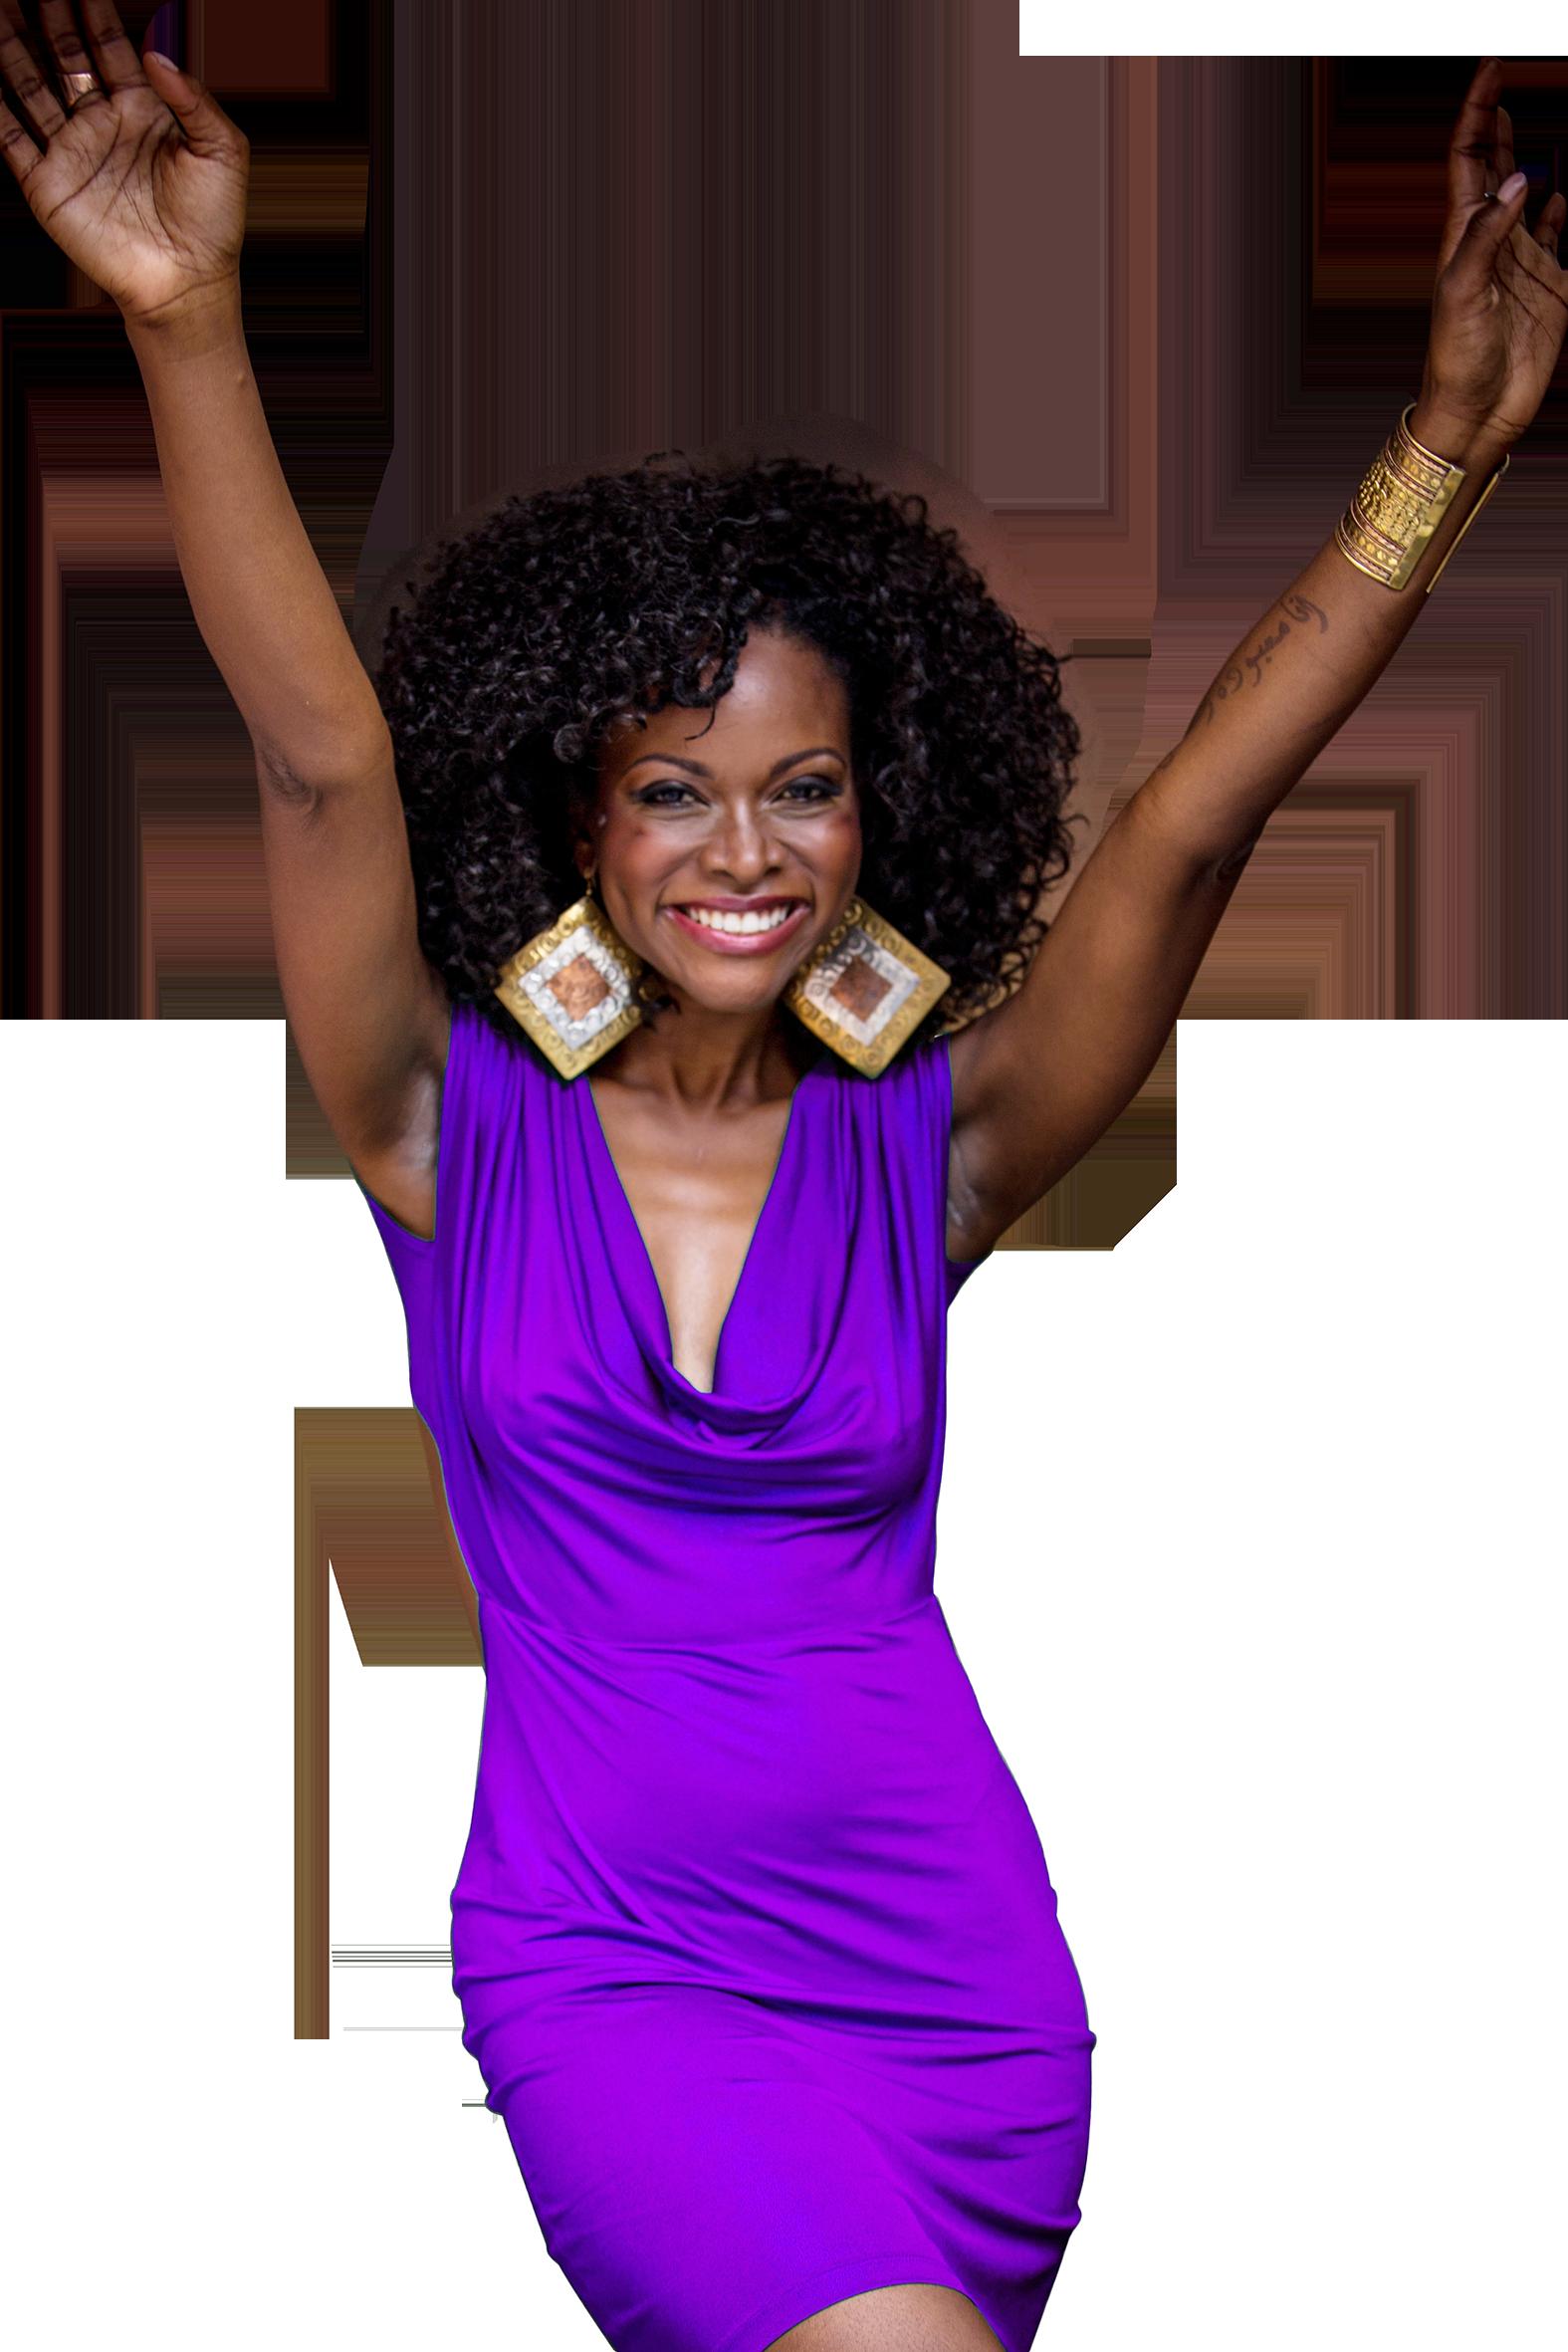 start over from scratch - motivational inspirational blog for women